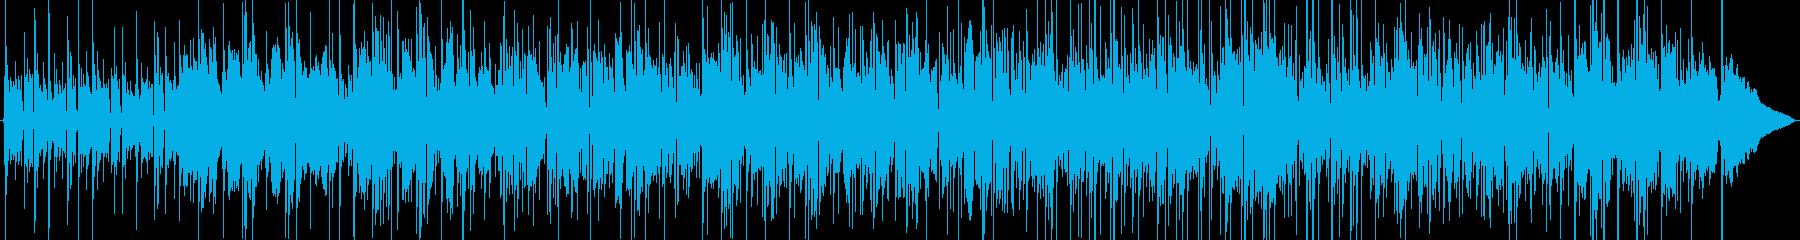 ラテングルーヴナイロンストリングギ...の再生済みの波形